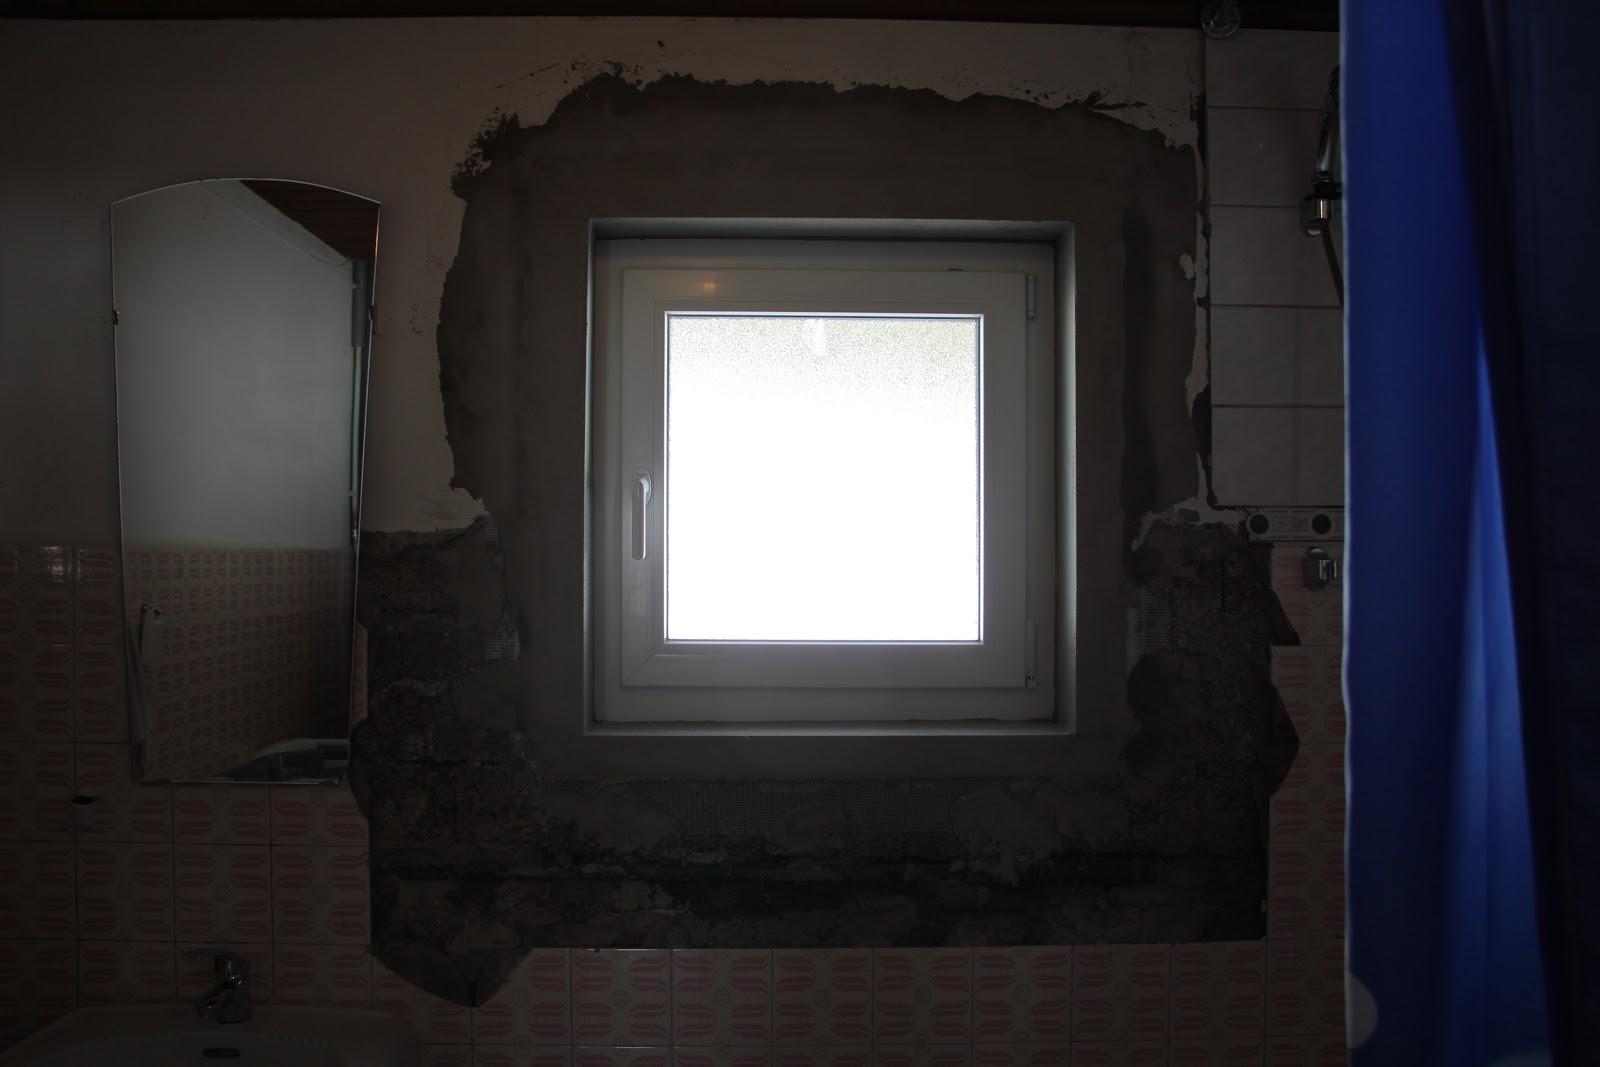 Naar oostenrijk 24 maart 2013 - Huidige badkamer ...